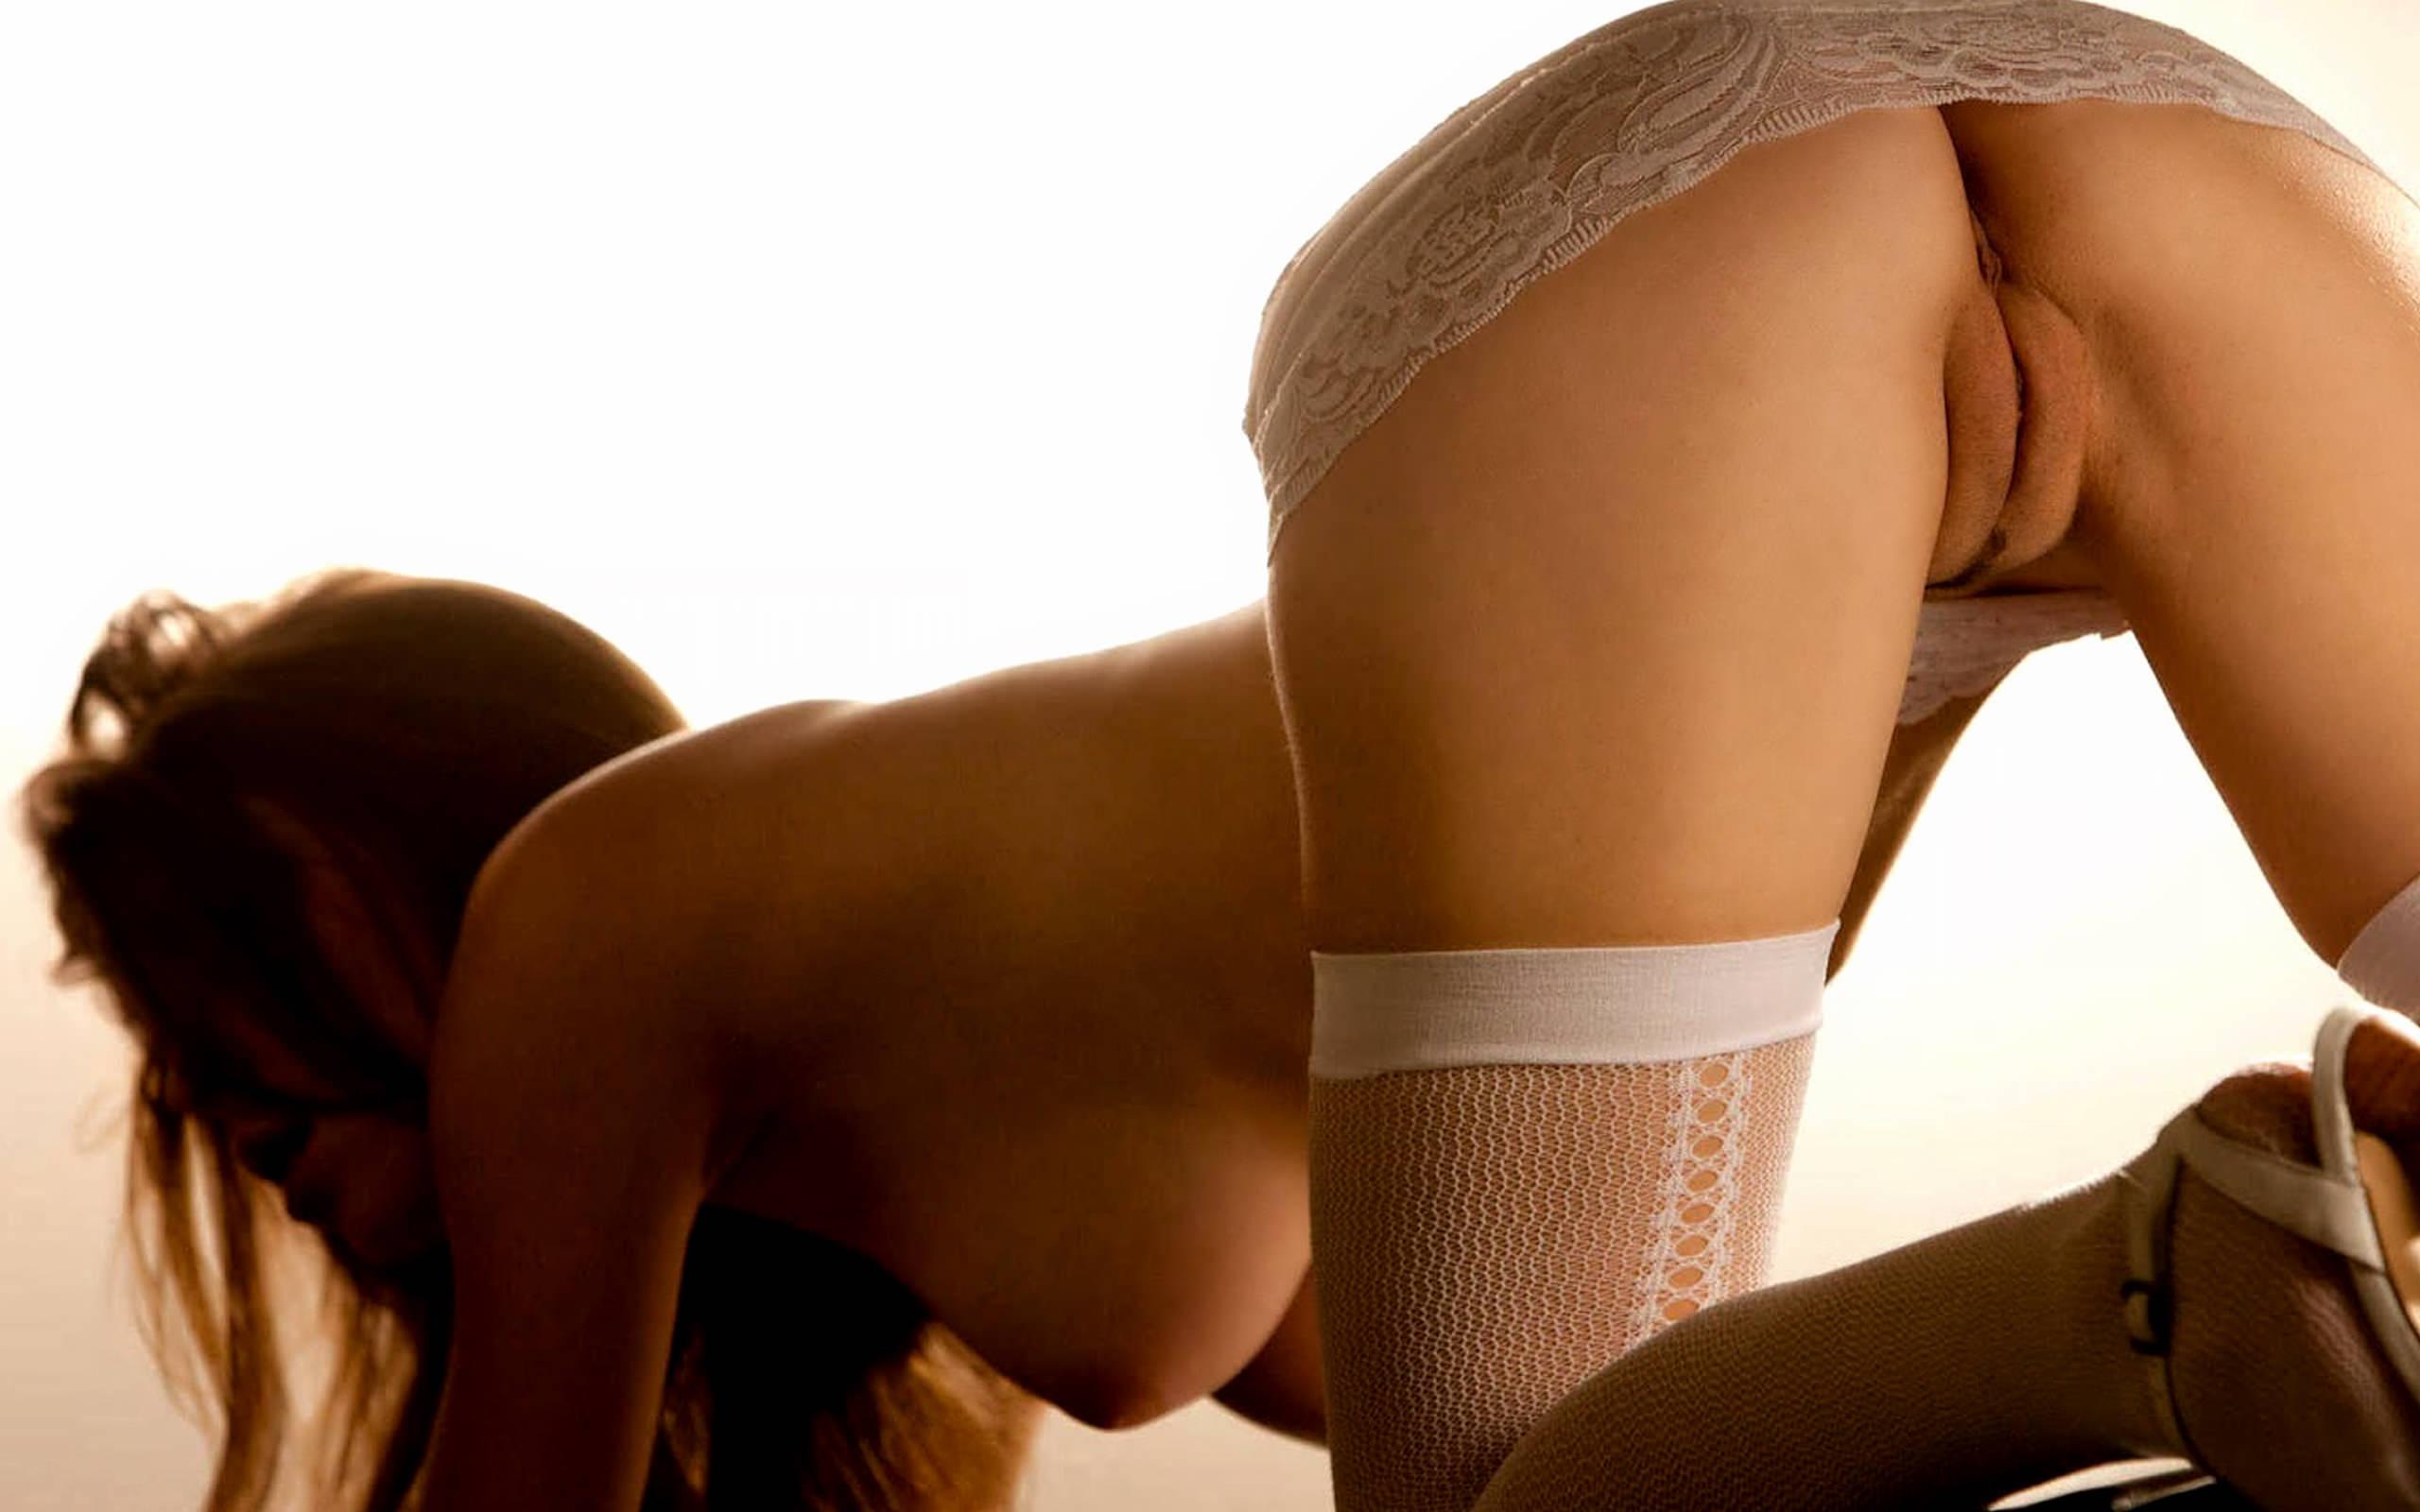 Эротические девки без трусов 19 фотография